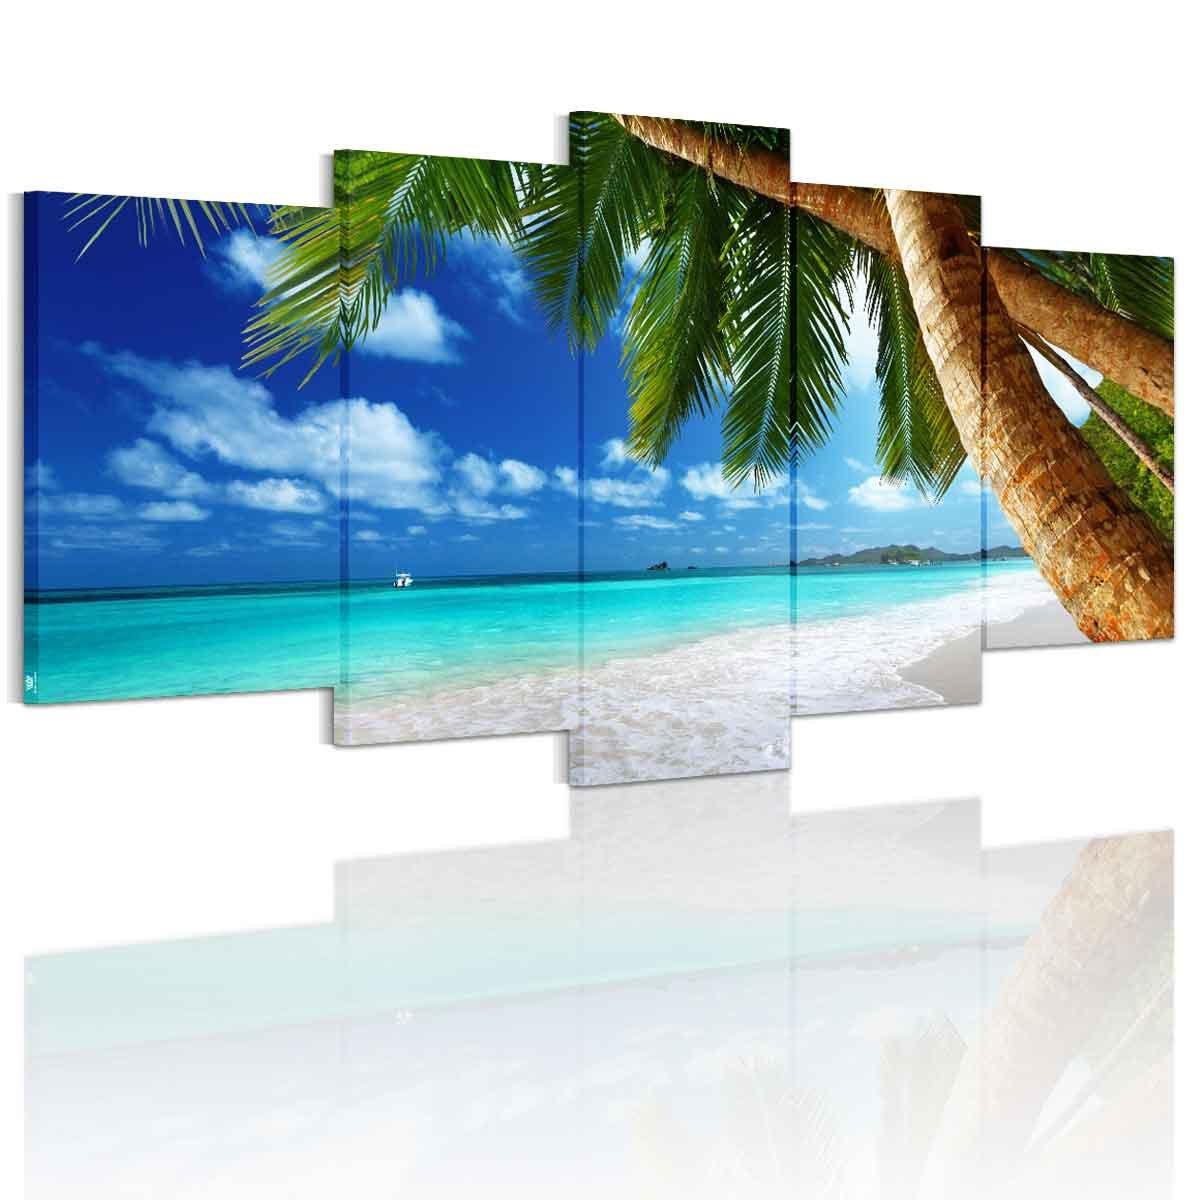 南国の楽園 アートパネル 完成品 モダン 現代 海の景色 海岸 特大 青い海 ヤシの木 アートフレーム 海 絵画 海 壁飾り キャンバス絵画 5枚パネル B06WD5Z9G7